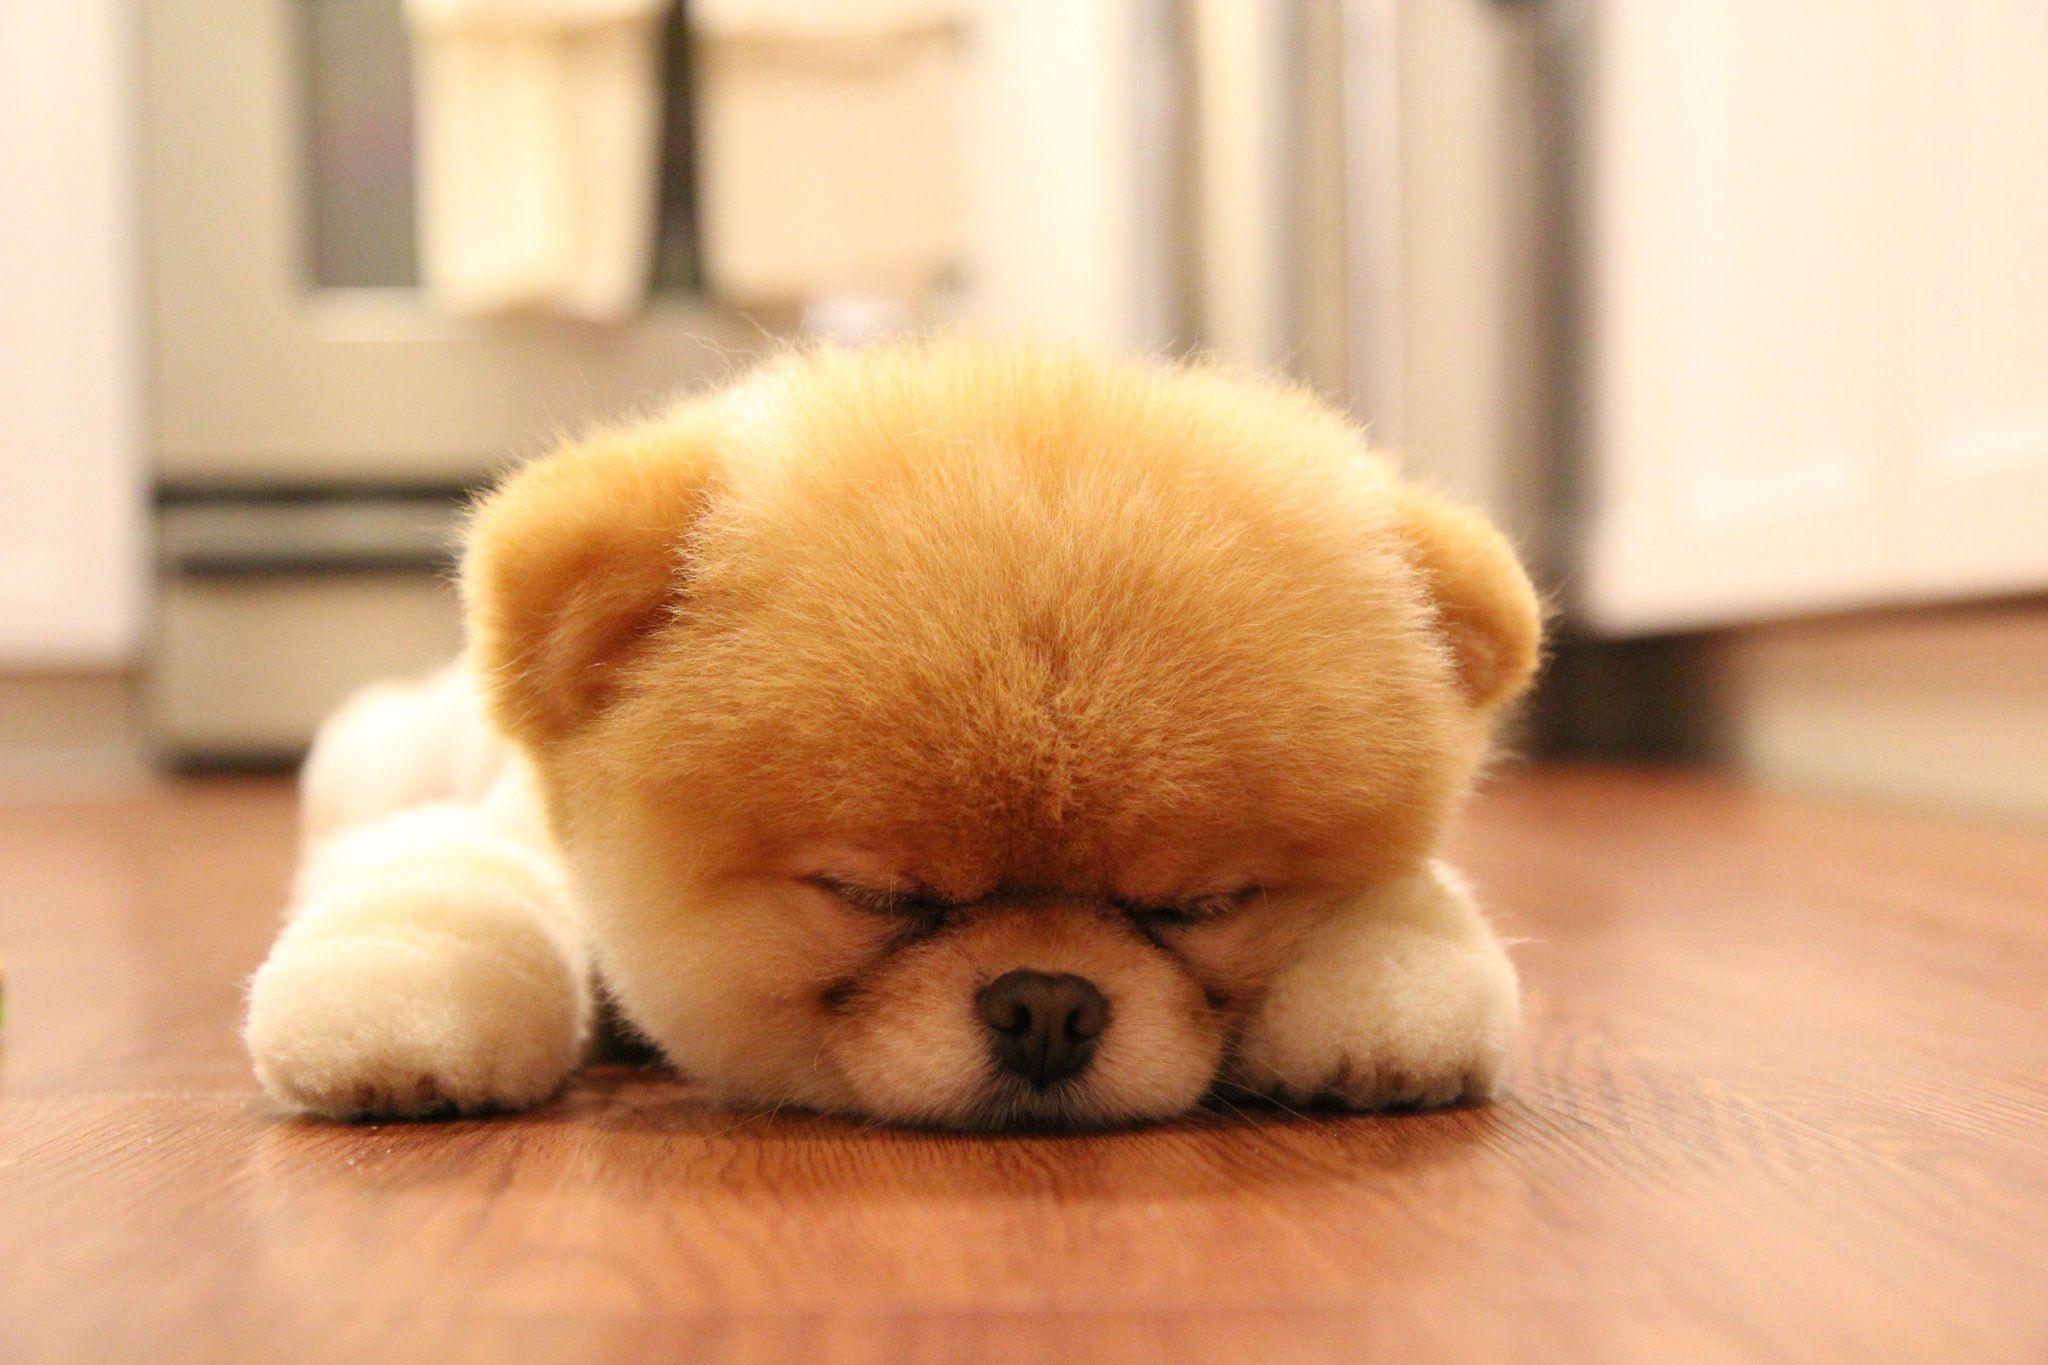 Top Boo Chubby Adorable Dog - 992a4687c6ab4f8ba372518d512a6ec1  Graphic_903492  .jpg